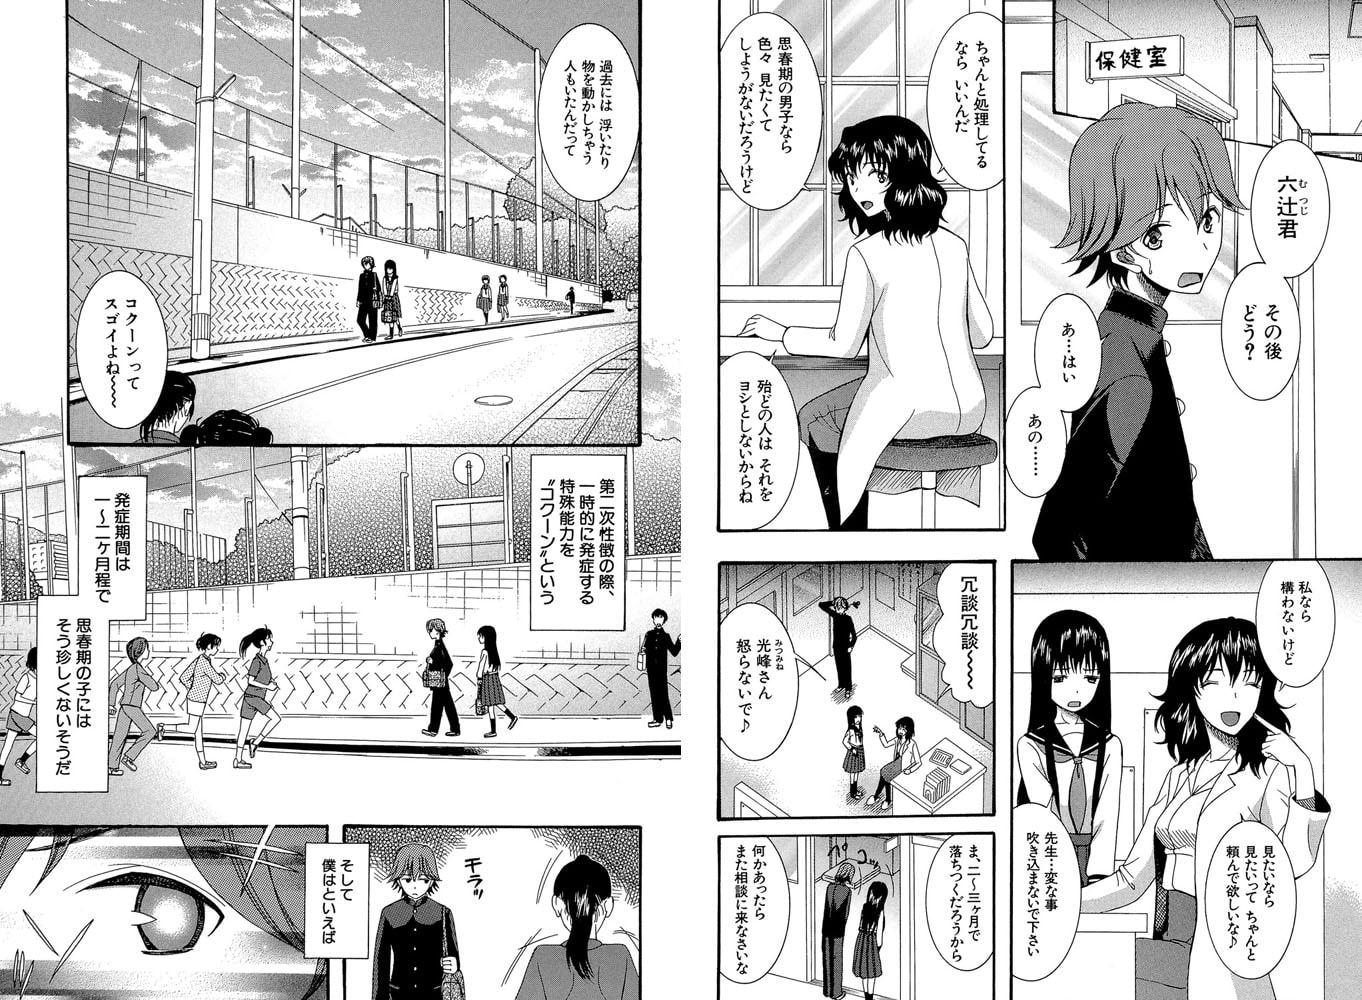 蒼のセカイと花咲くカラダ【第1話体験版付き】